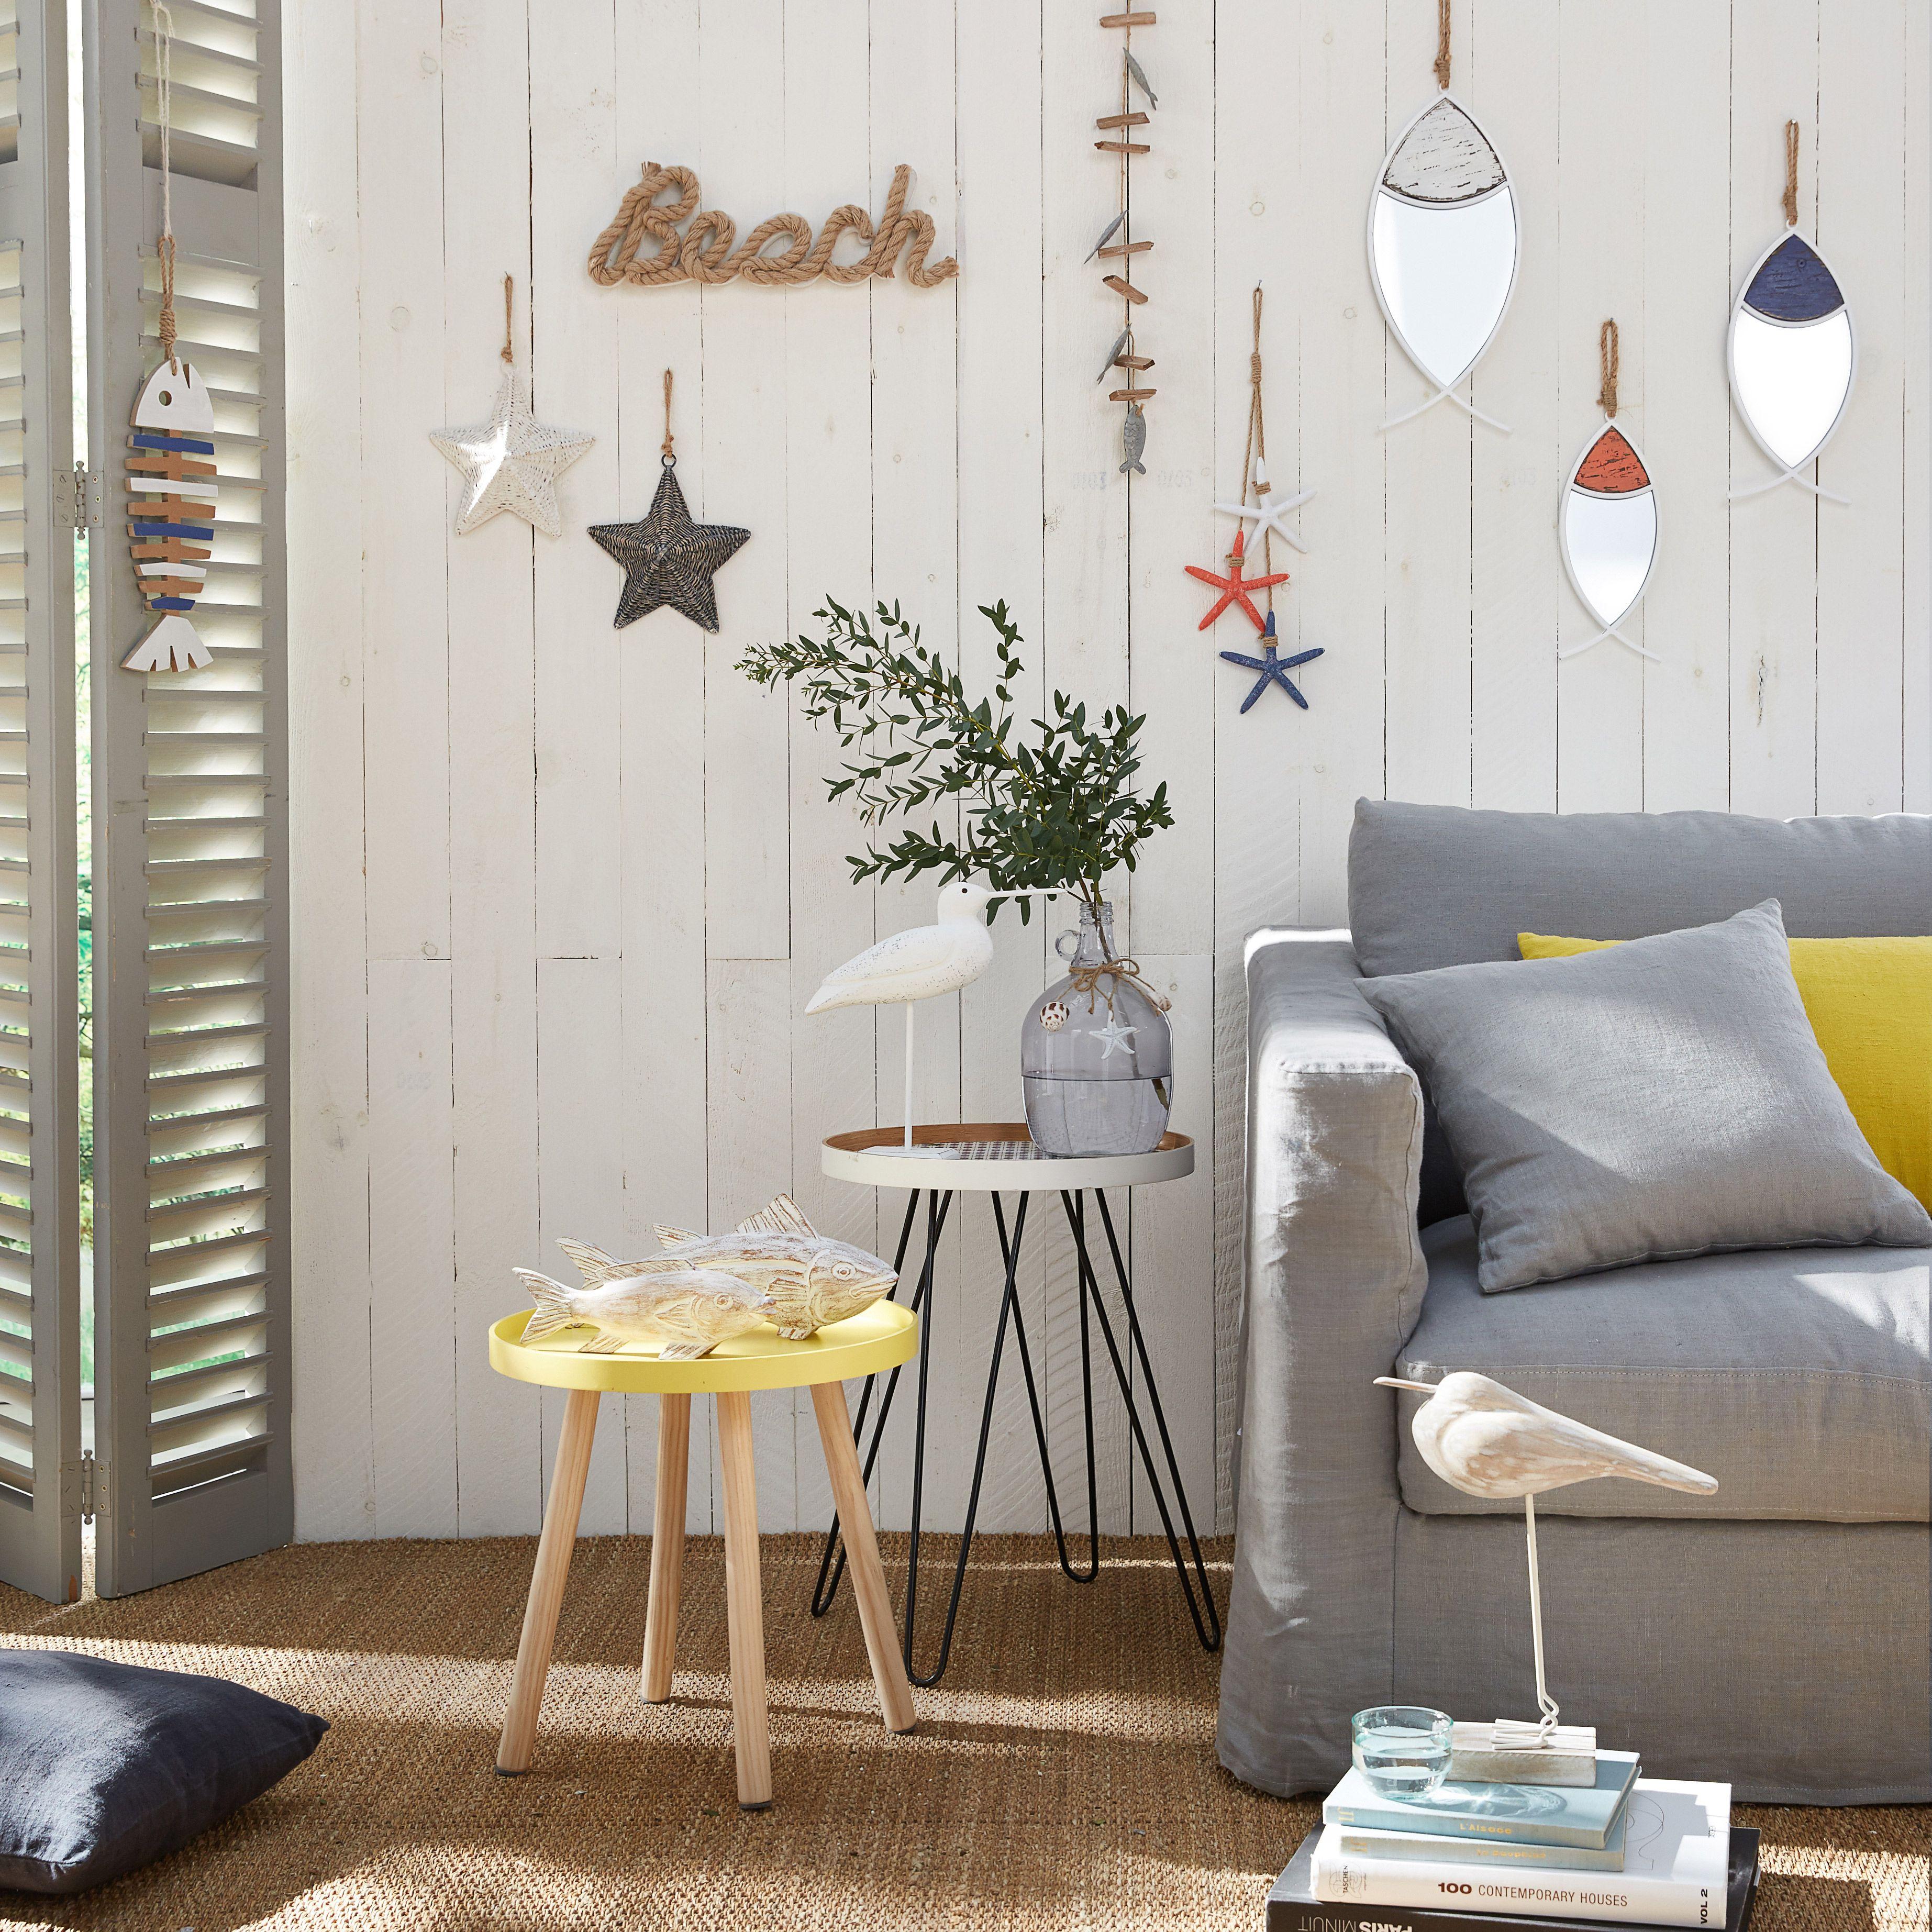 d coration esprit bord de mer d coration d co maison alin a d coration d 39 int rieur. Black Bedroom Furniture Sets. Home Design Ideas